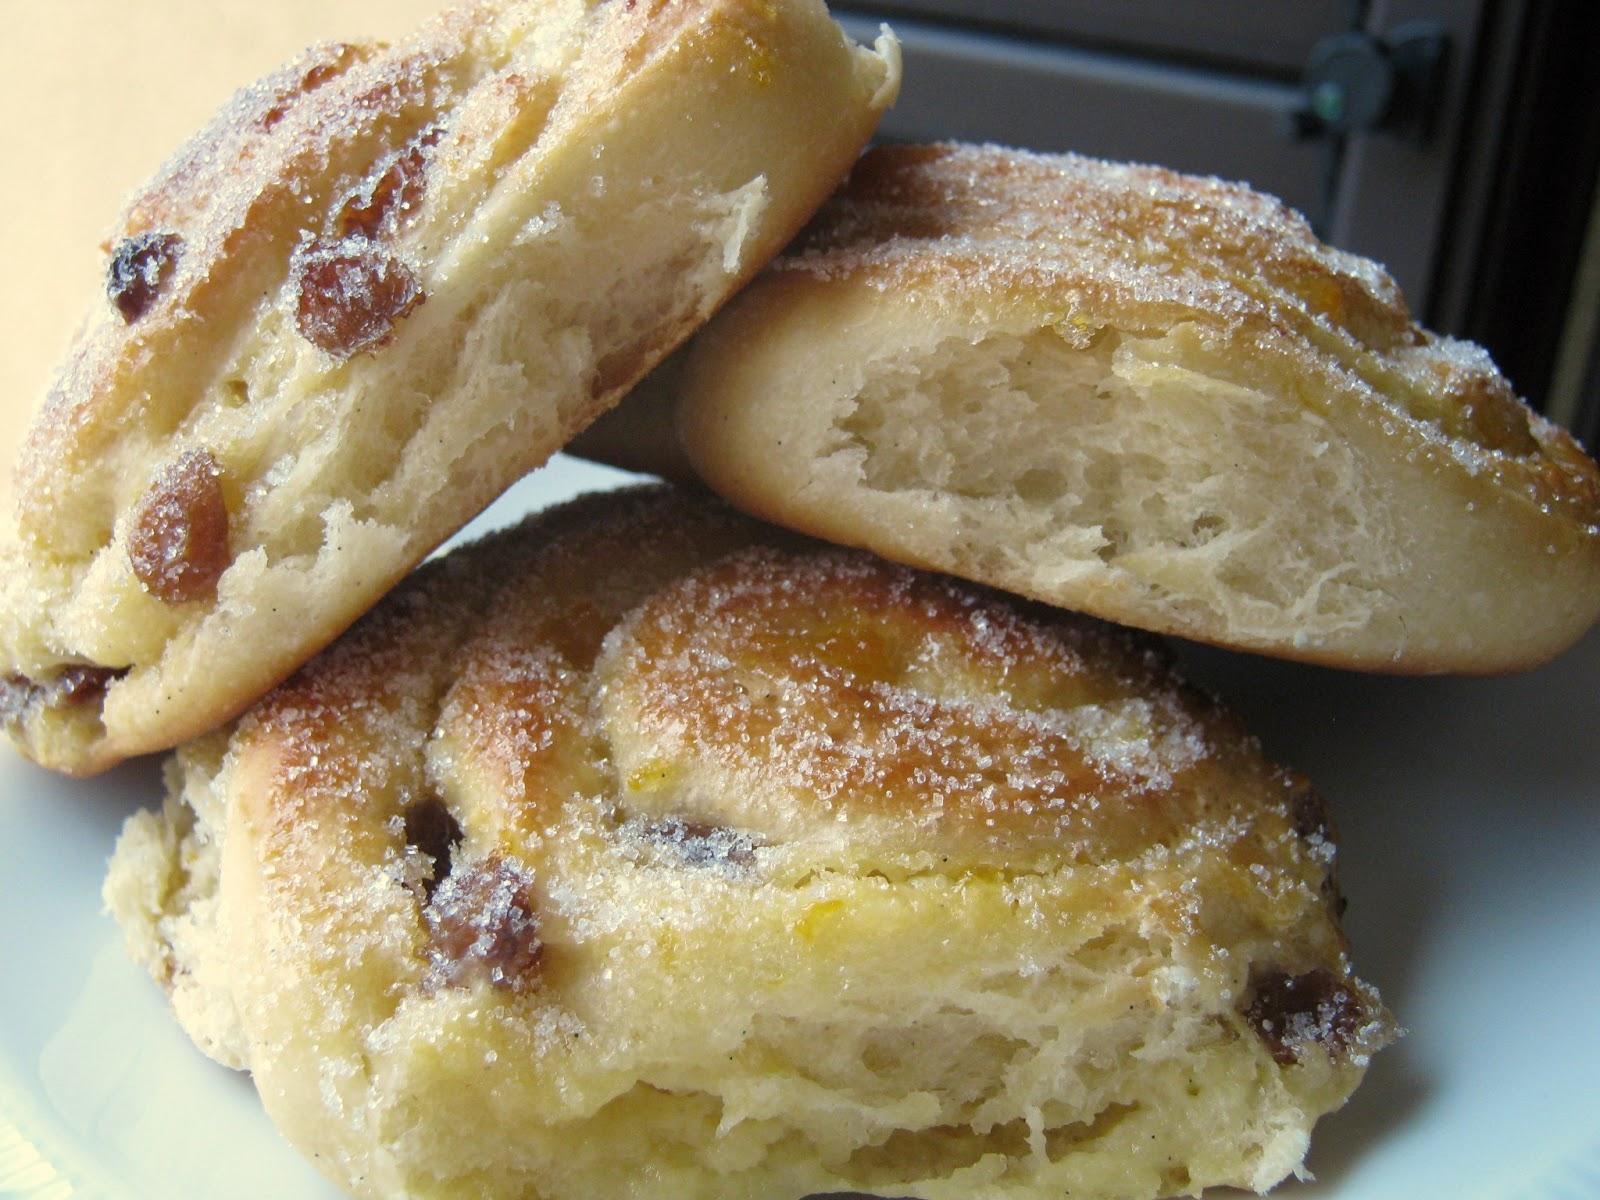 Ricette dolci con pasta madre non rinfrescata